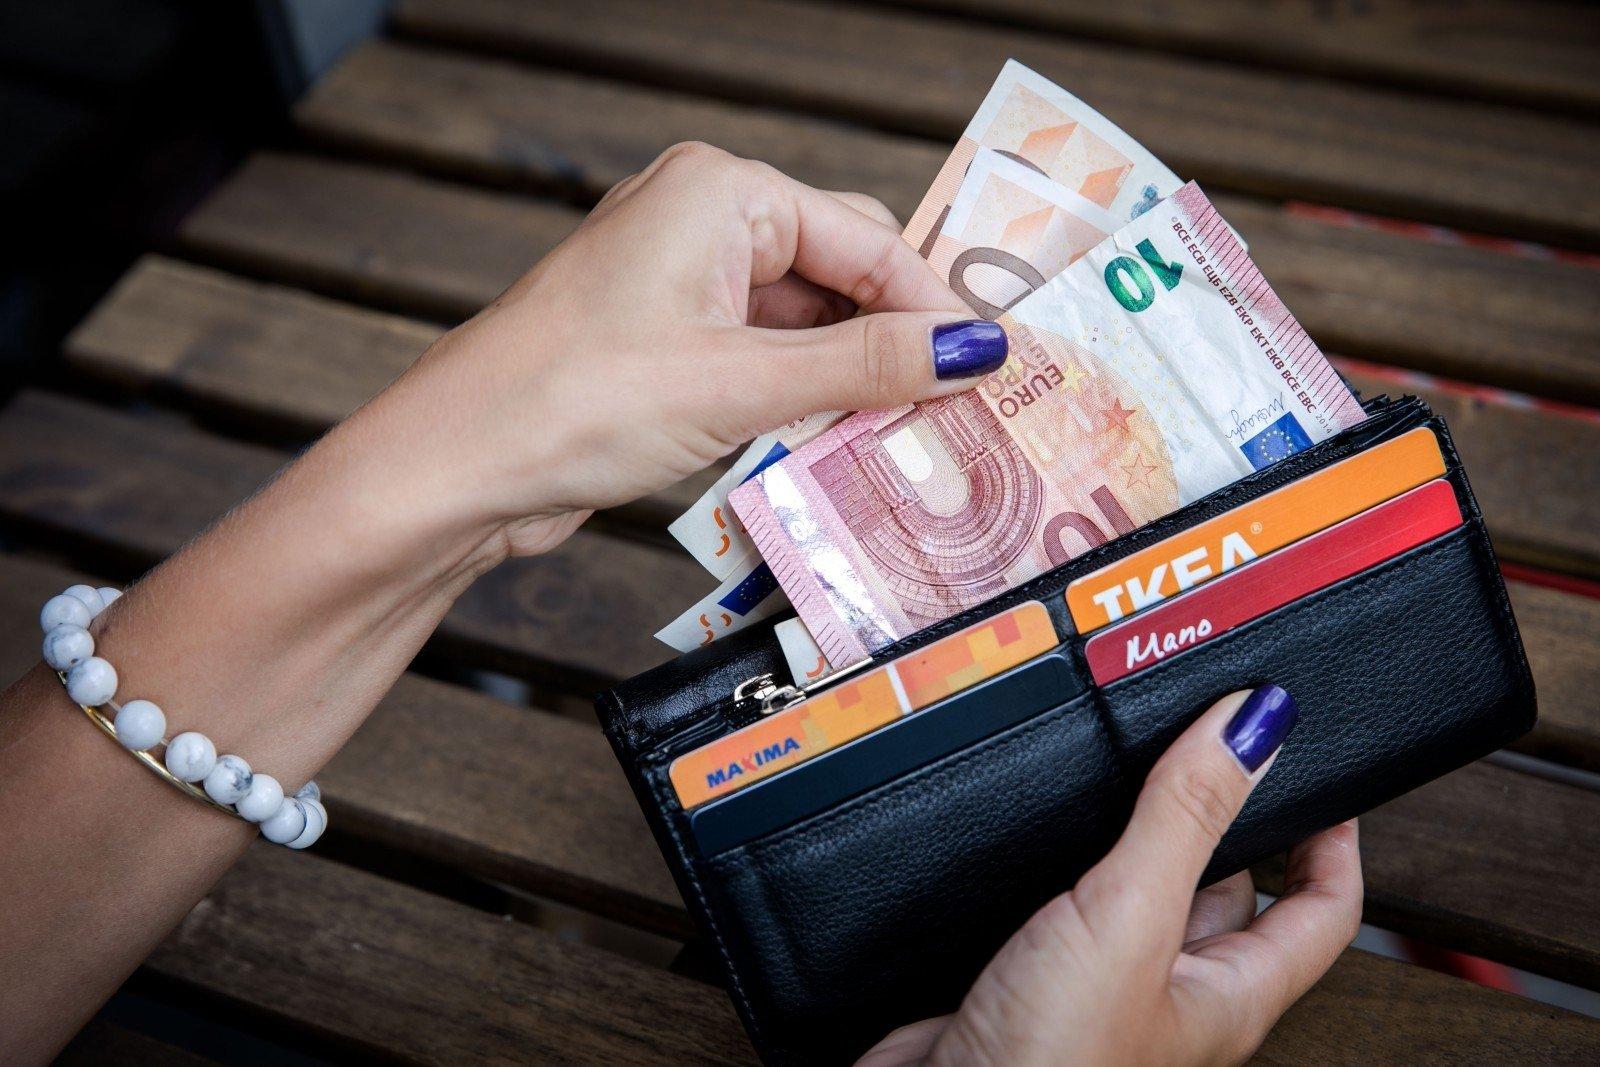 pratęsimai, kurie uždirba pinigus